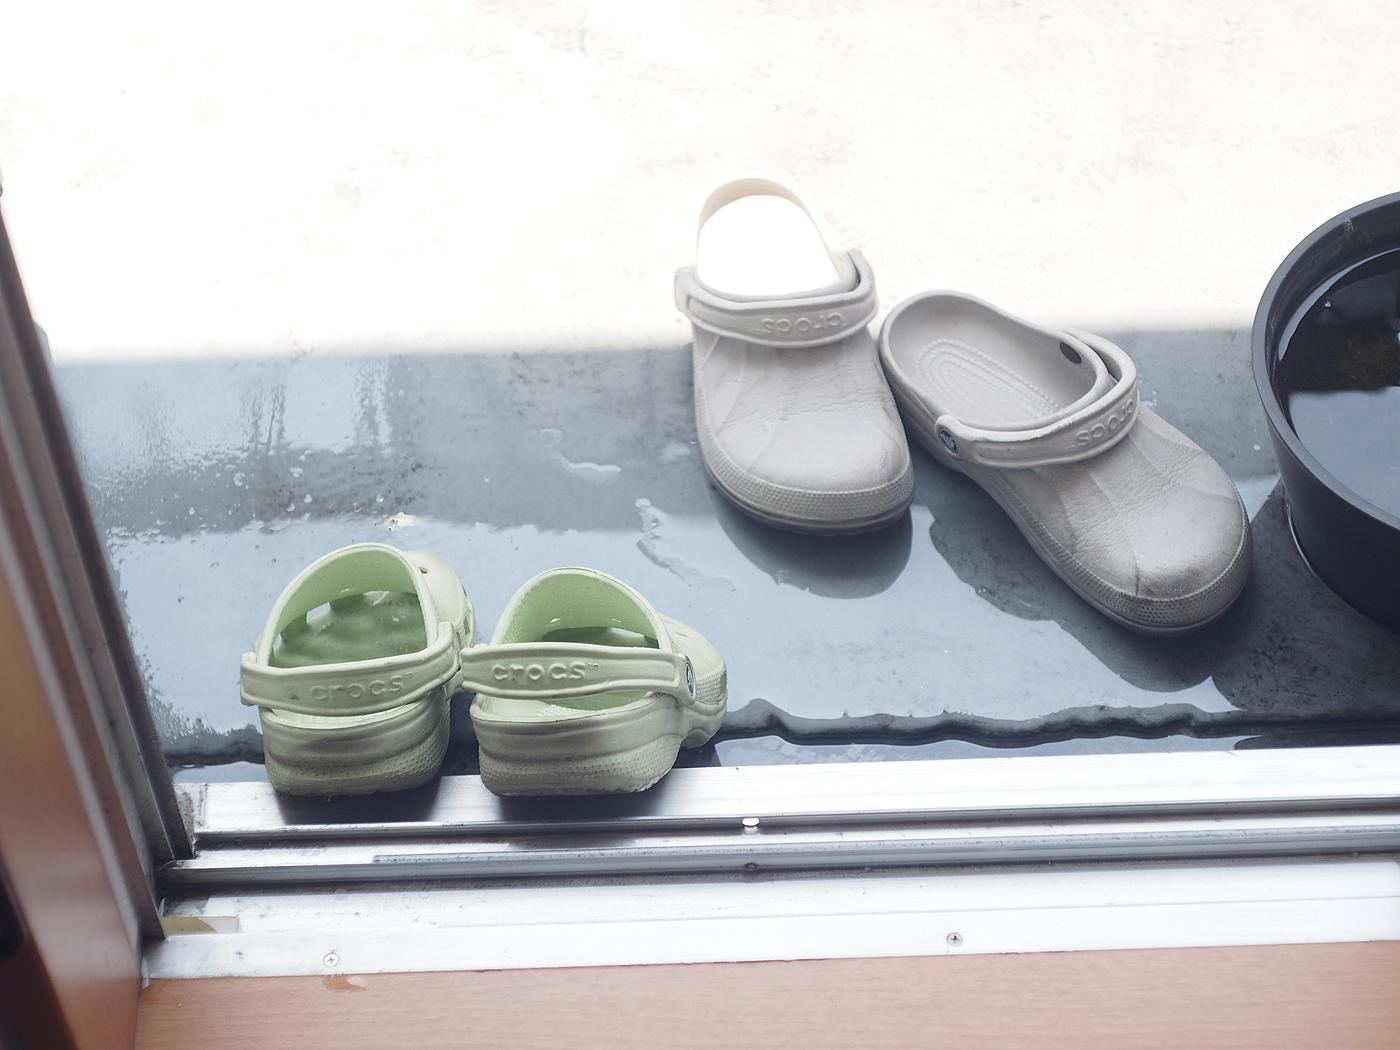 ベランダで靴を洗うとき